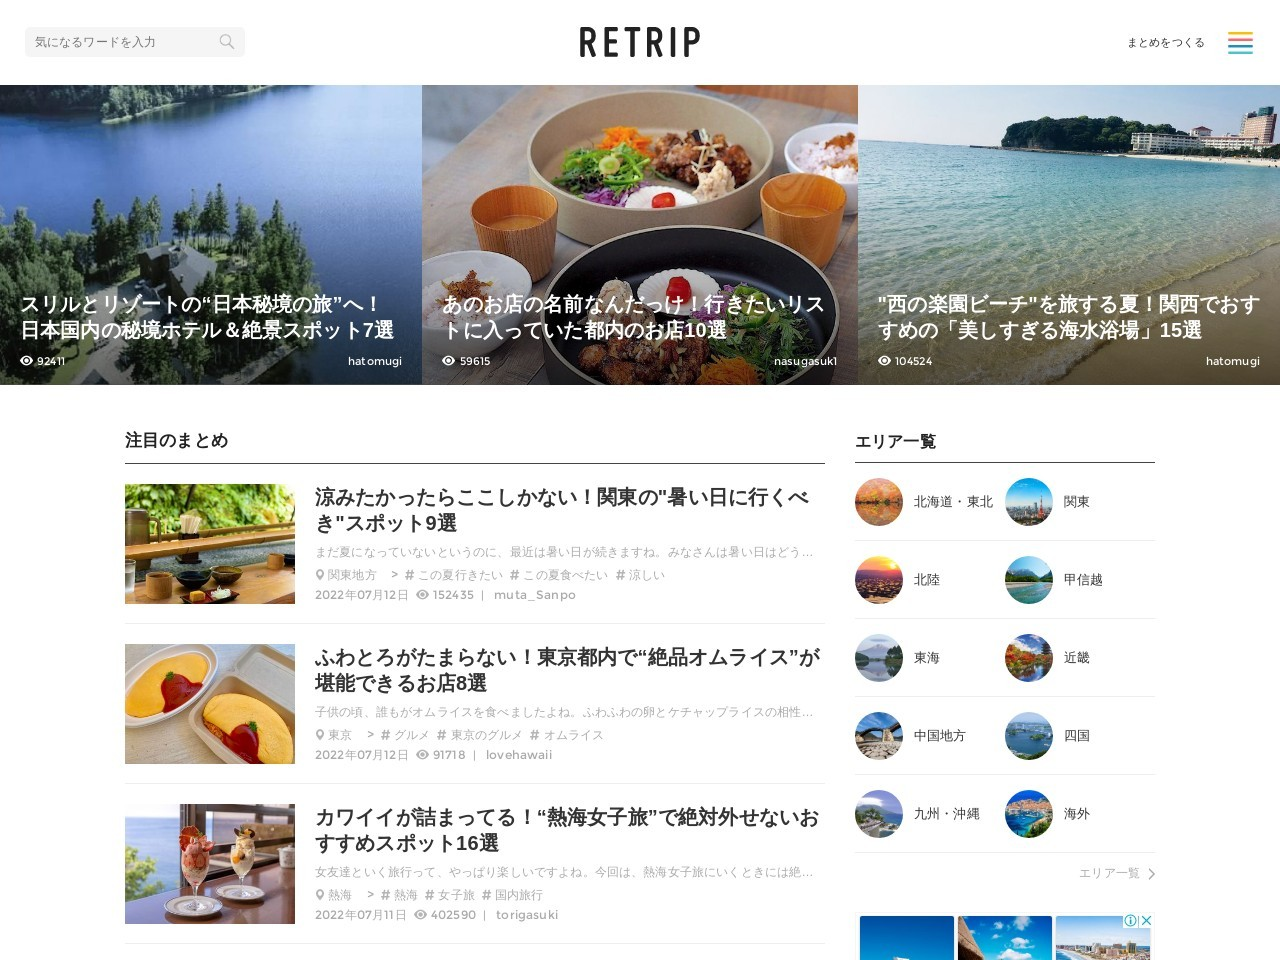 2018年イルミネーション総まとめ特集|RETRIP